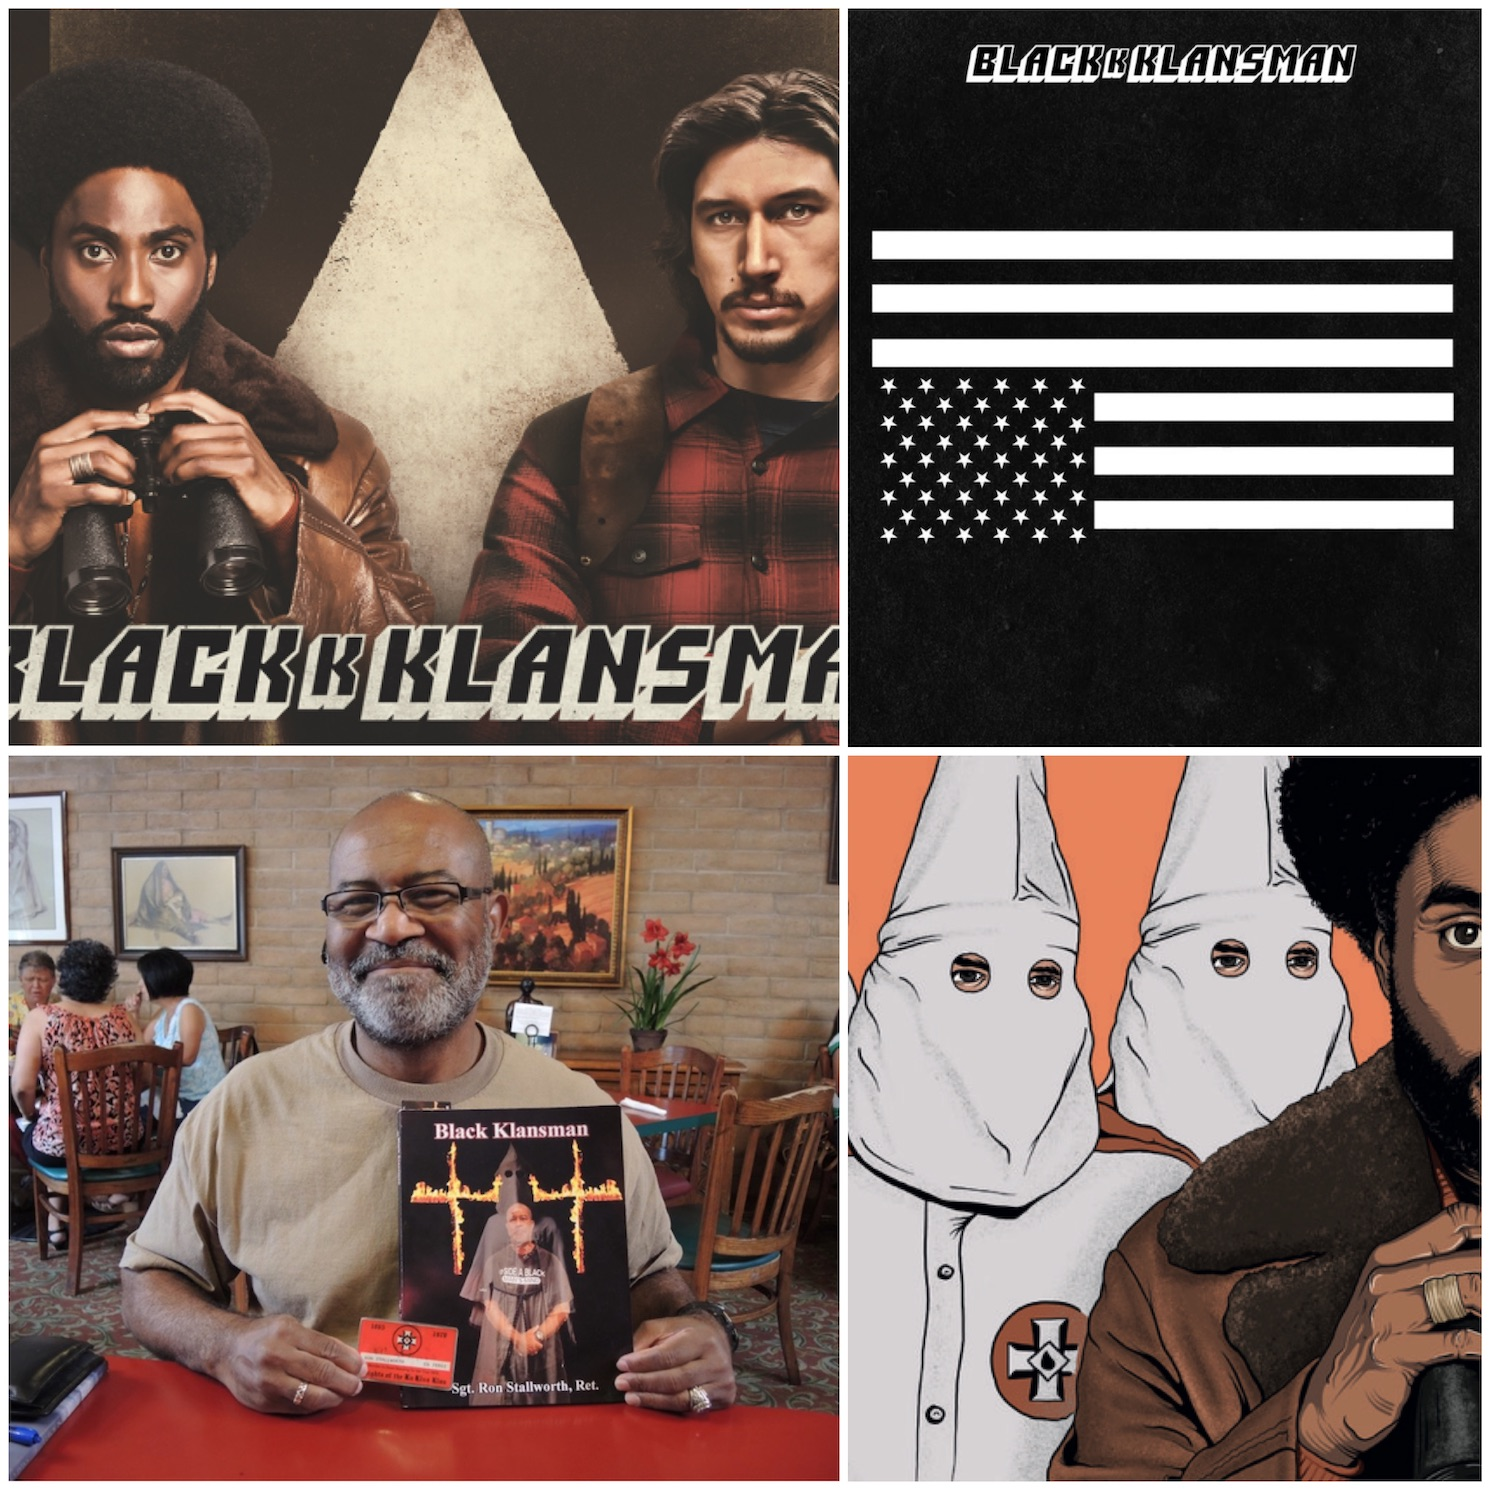 blackk-klansman-considerazioni/riflessioni-razzismo-rispetto-insta-thoughts-cinema